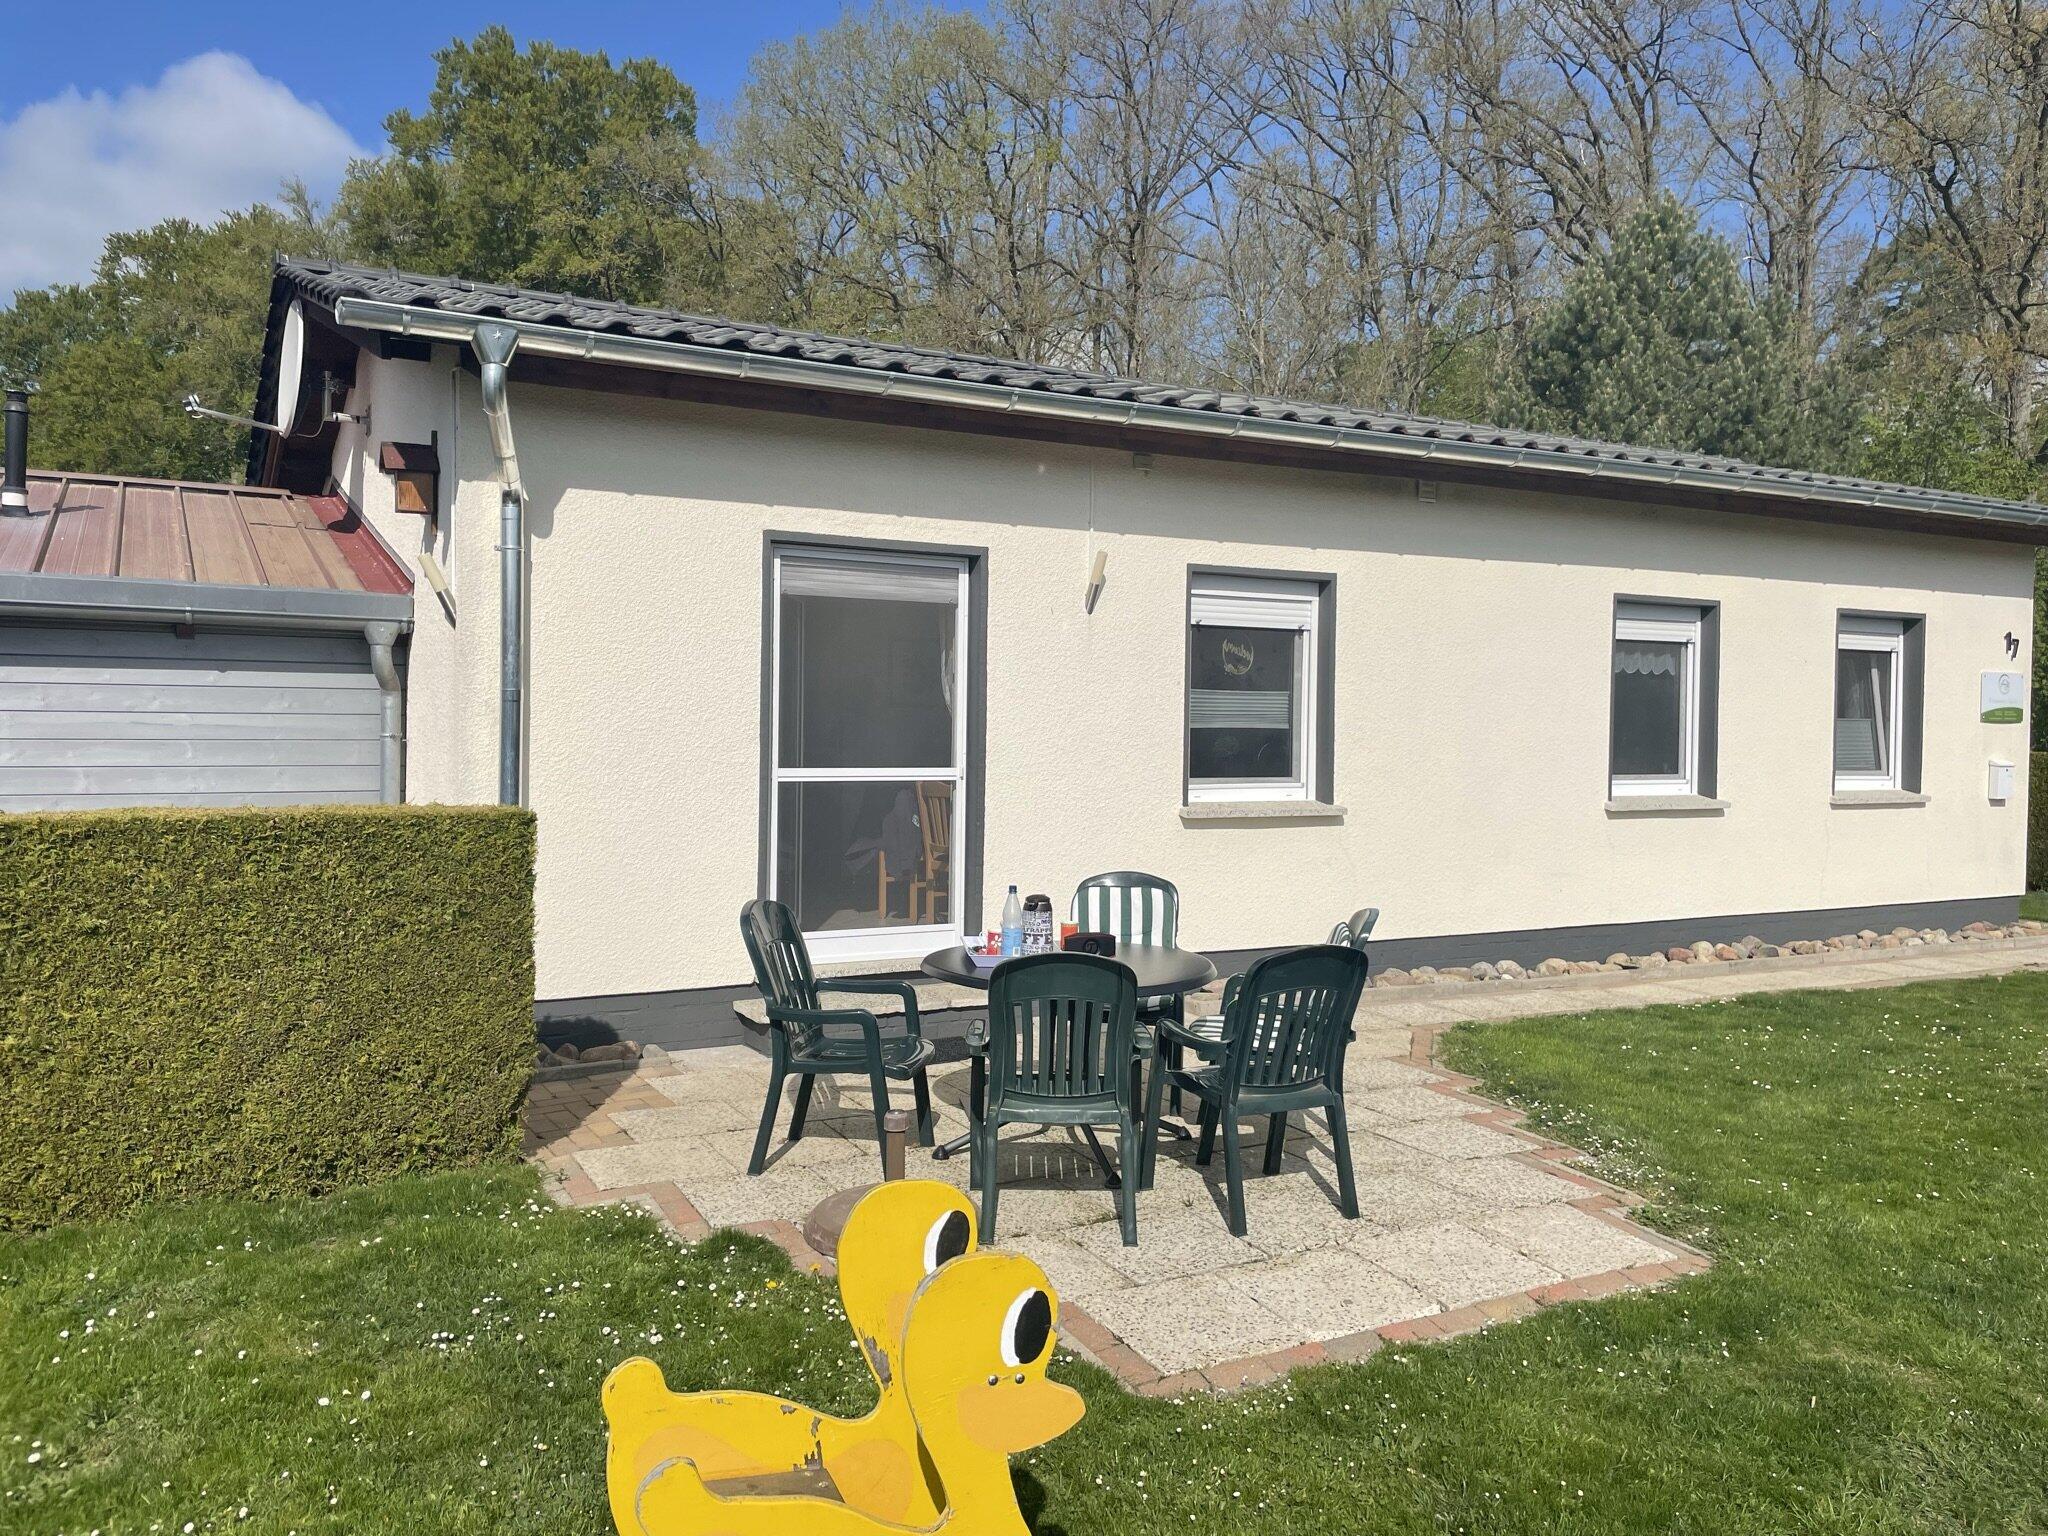 Kloster-Schlossanlage